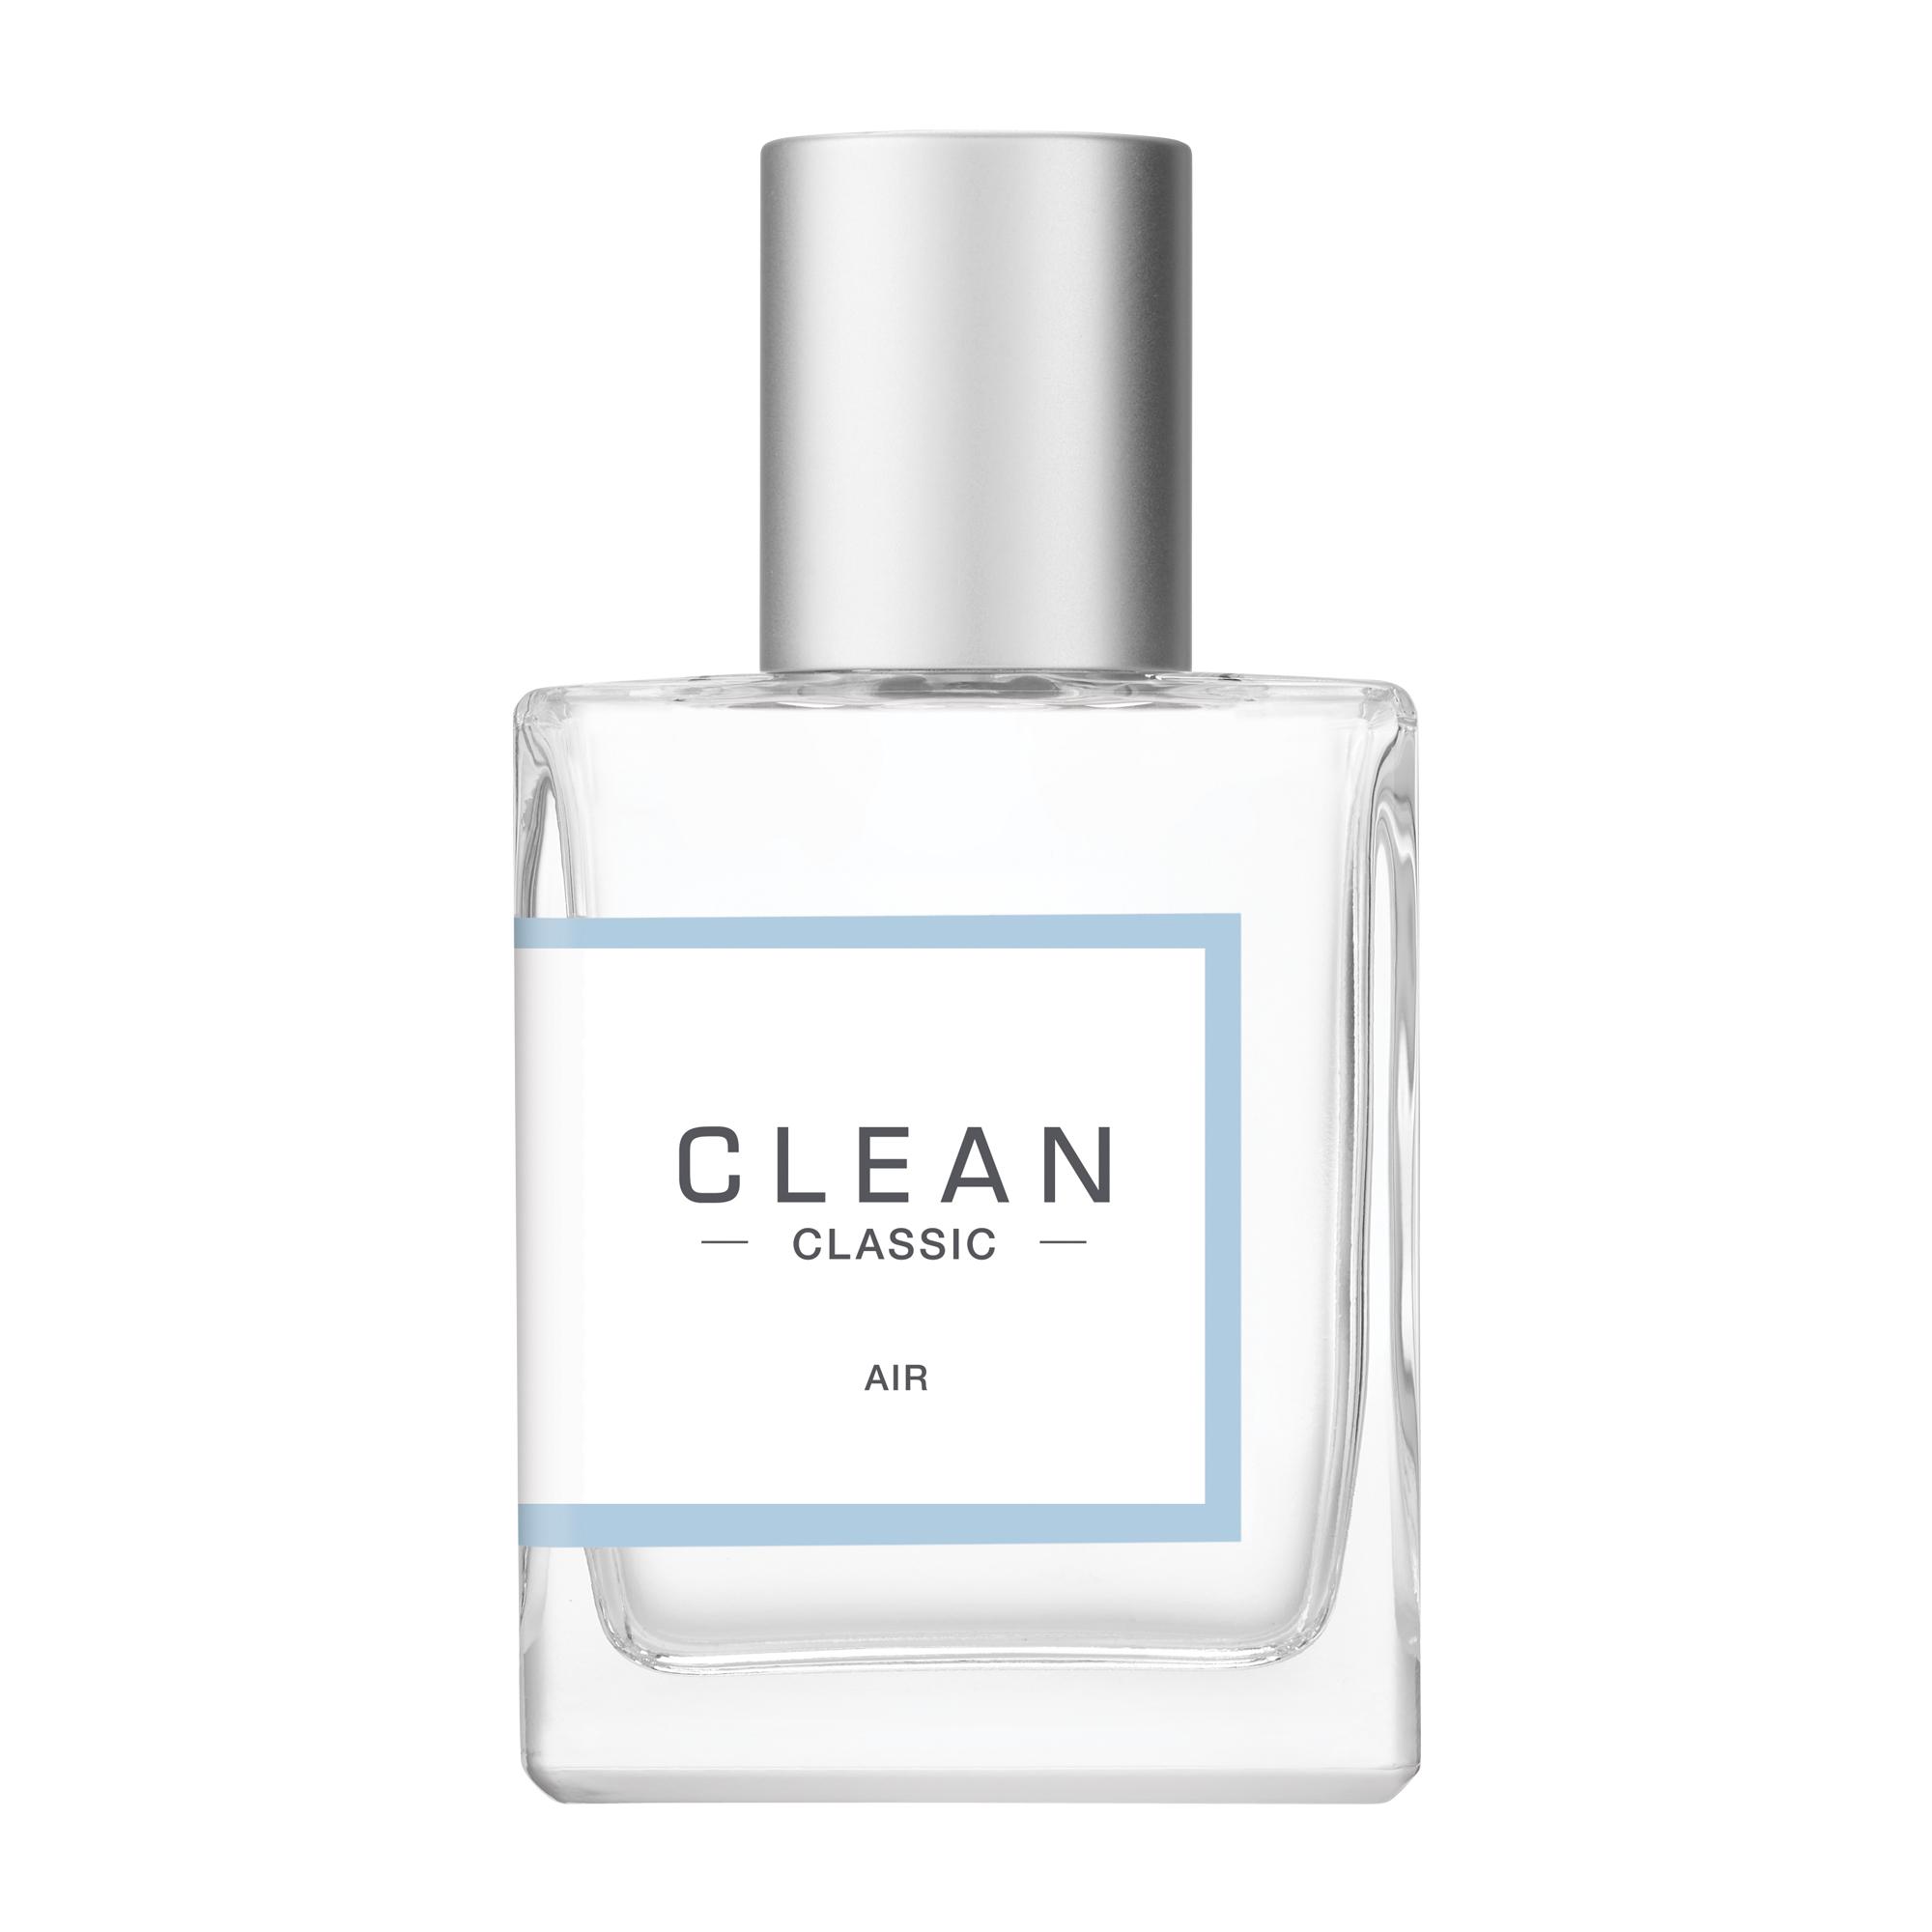 CLEAN Air EDP, 30 ml